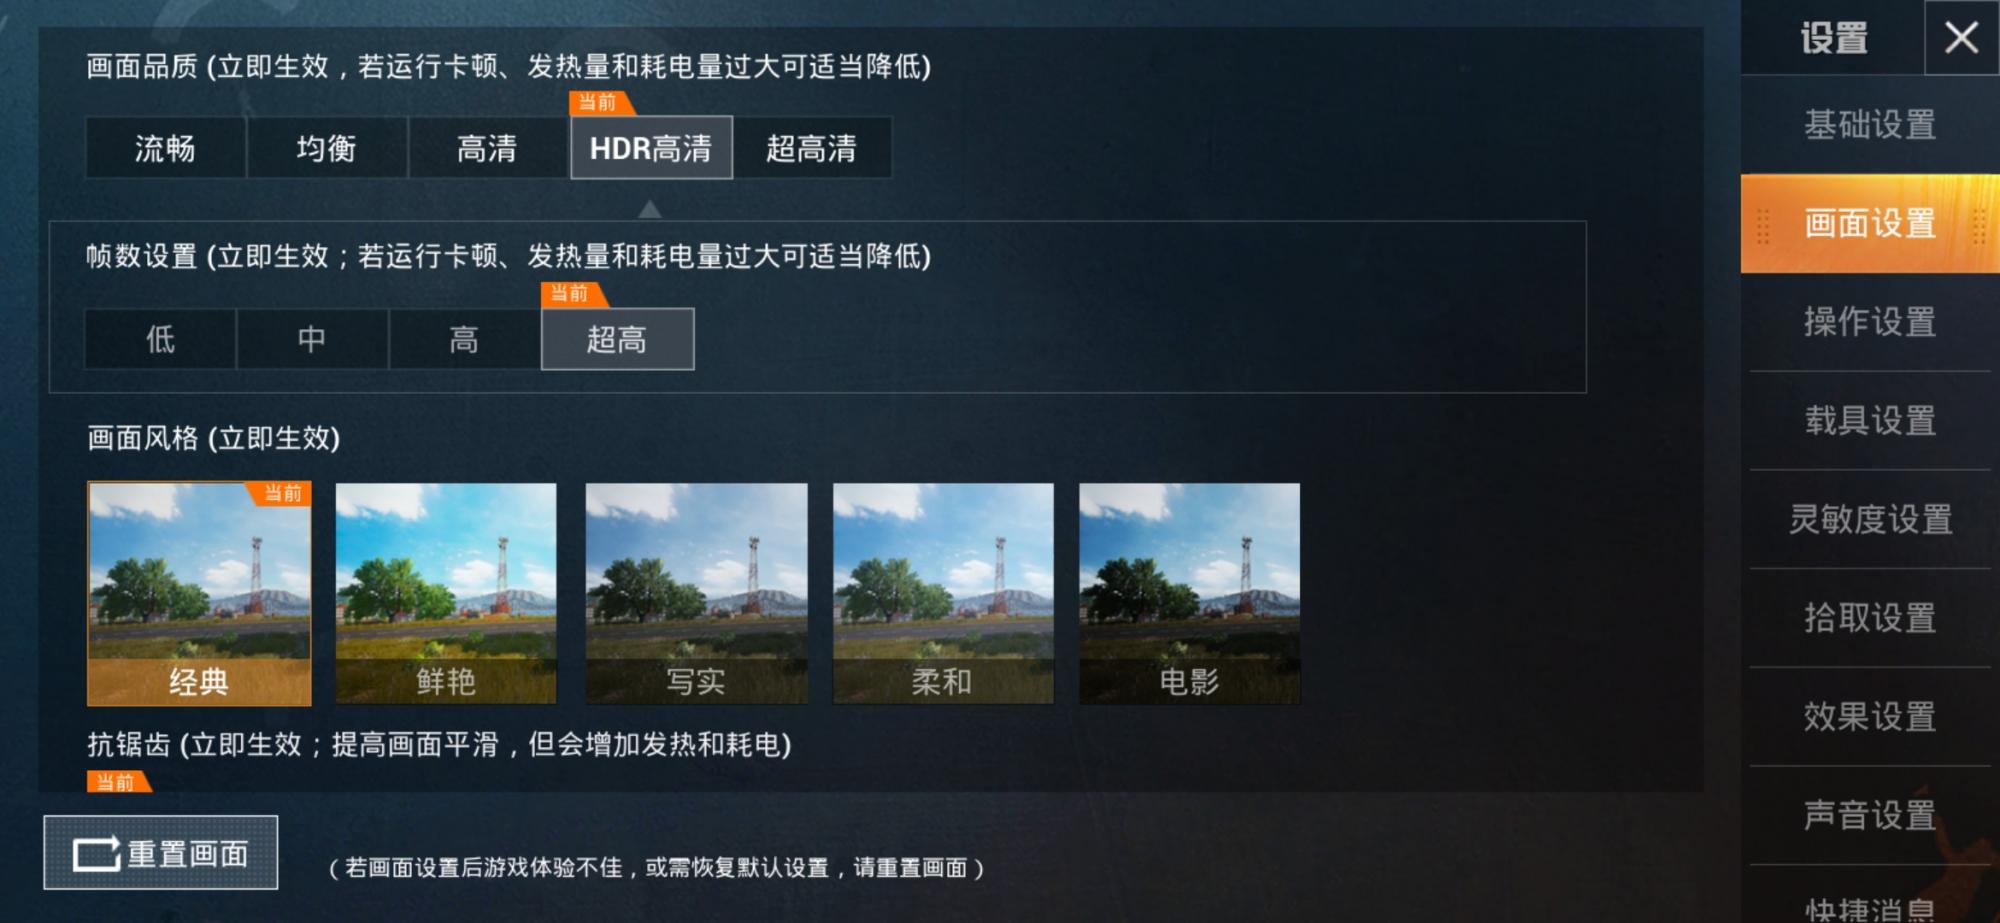 Screenshot_20190618_121752_com.tencent.tmgp.pubgm.jpg